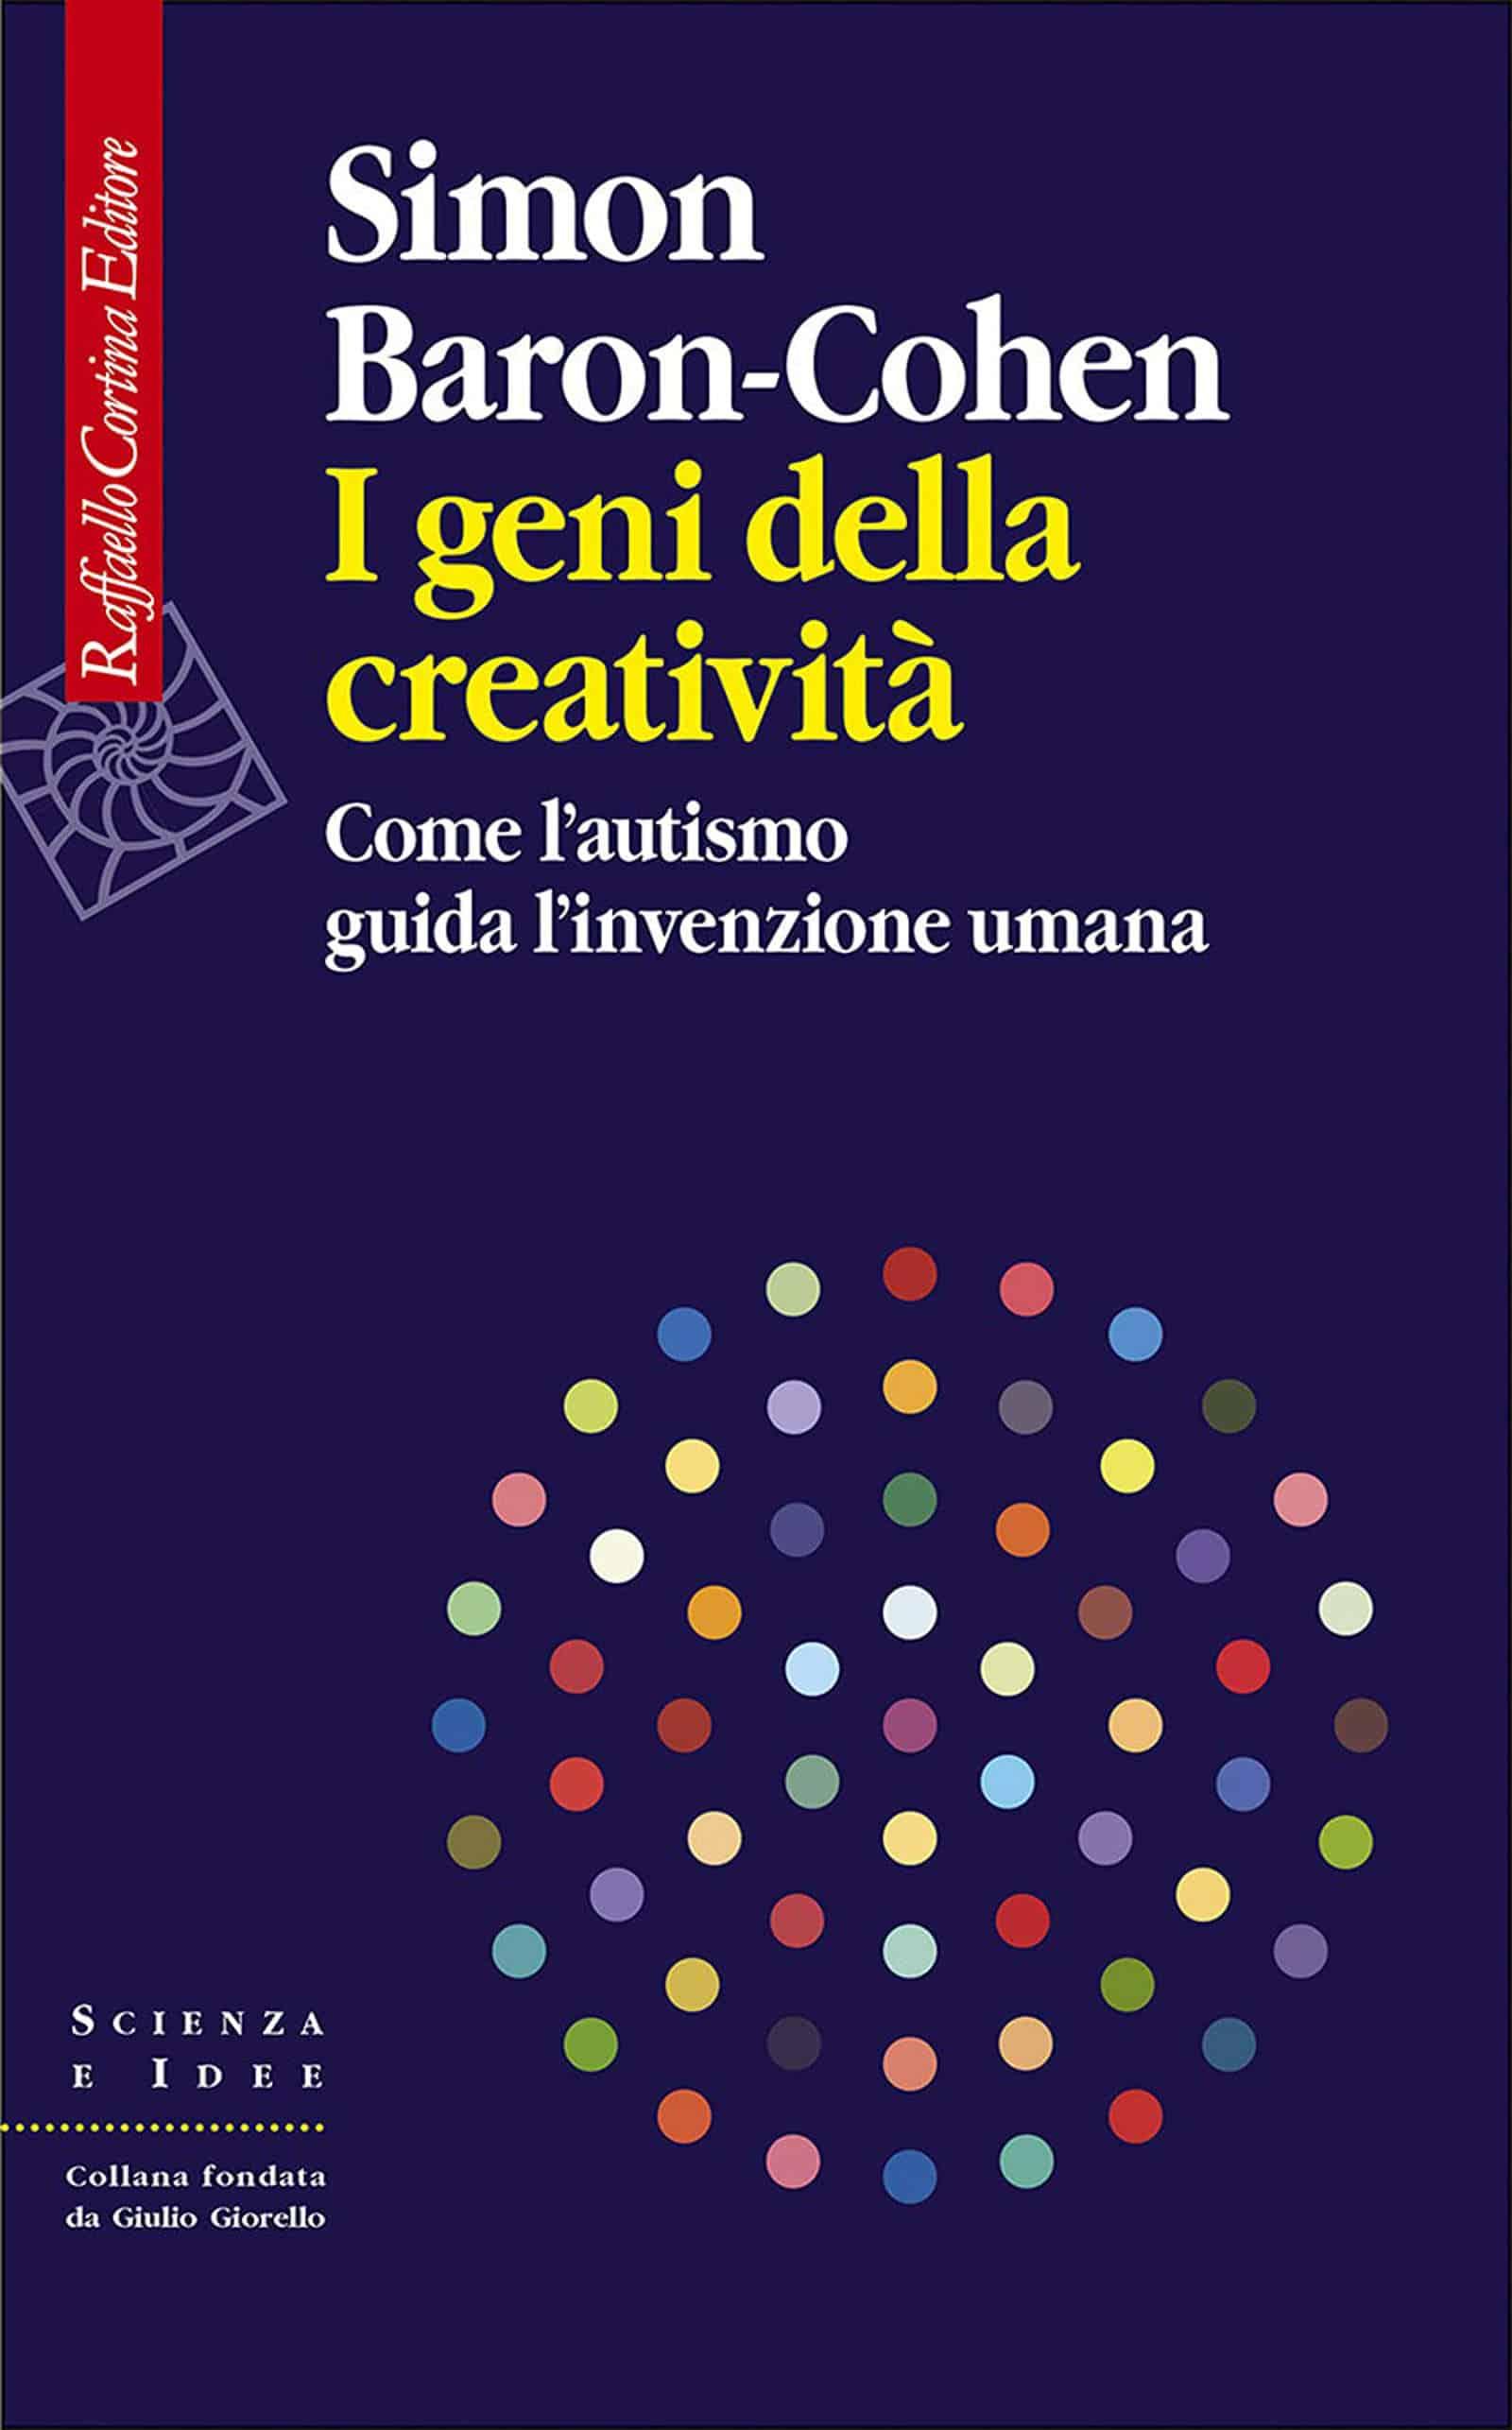 I geni della creatività (2021) di Simon Baron Cohen – Recensione del libro